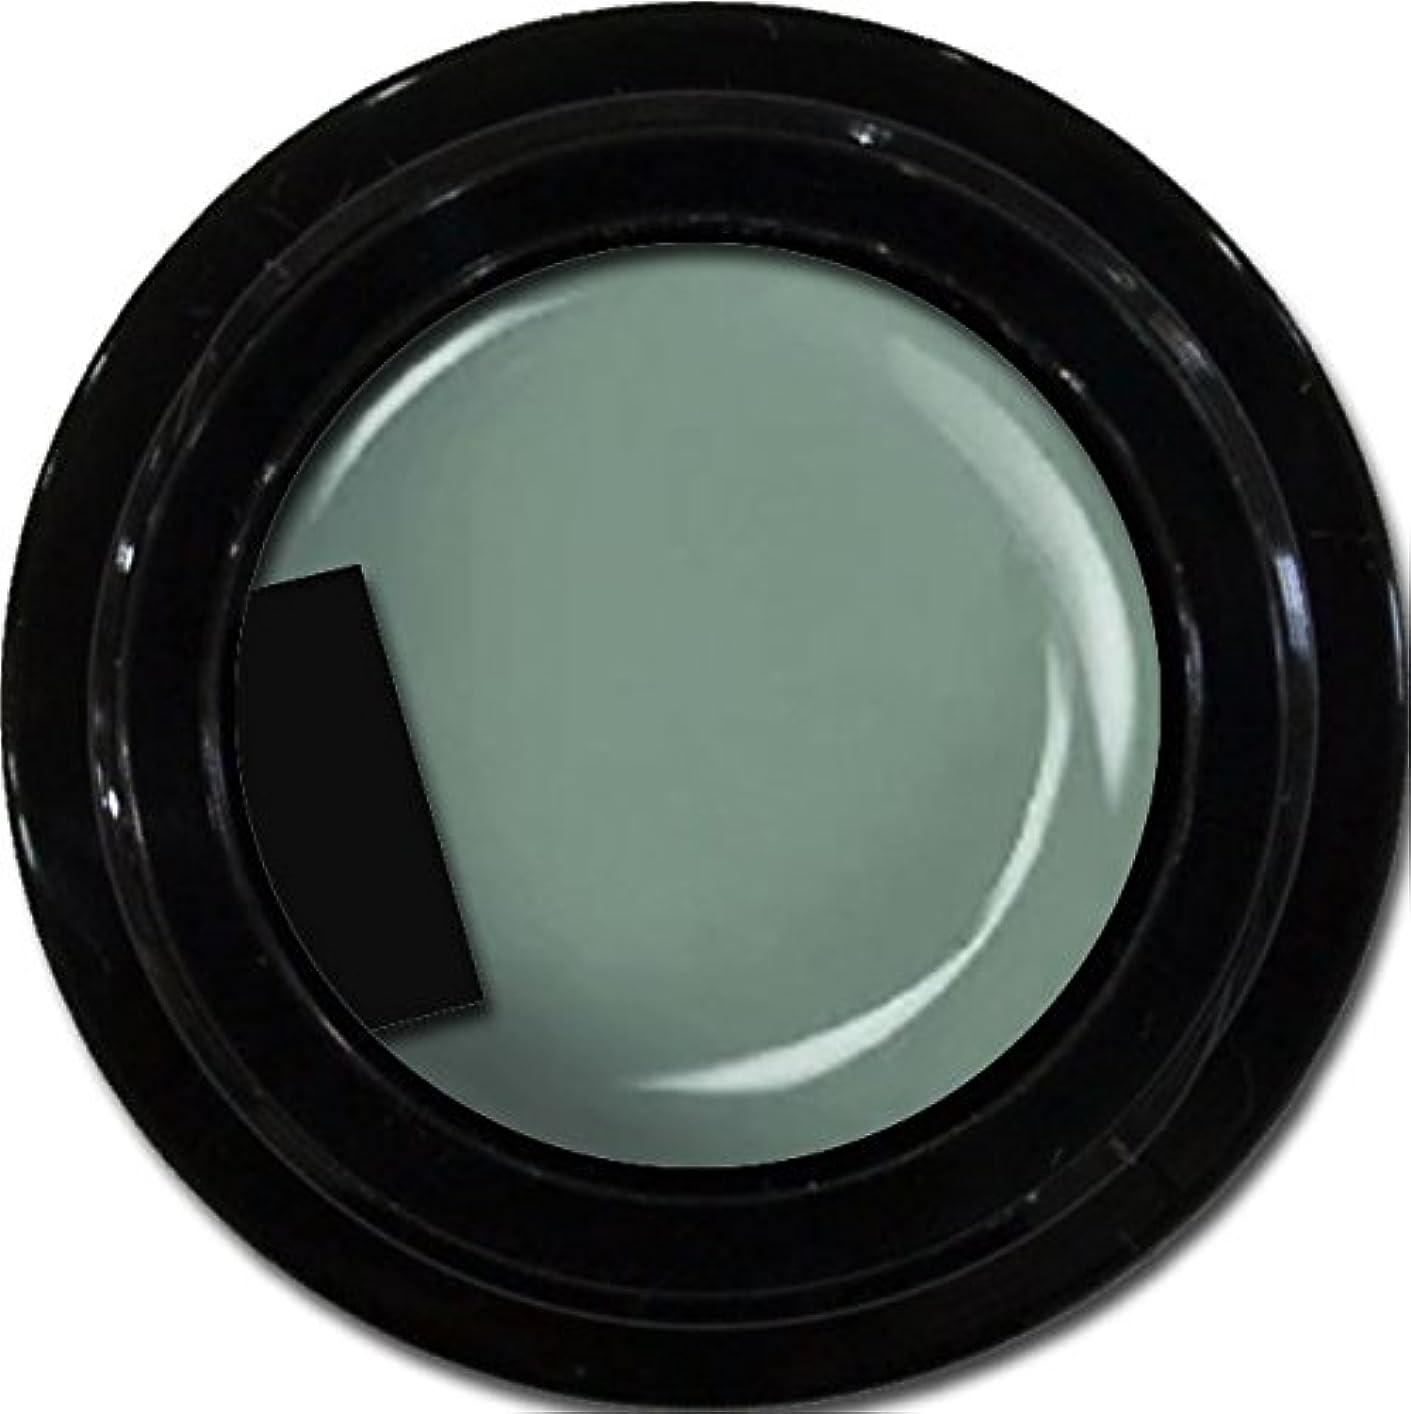 バターつづり懐疑論カラージェル enchant color gel M716 Khaki 3g/ マットカラージェル M716 カーキー 3グラム